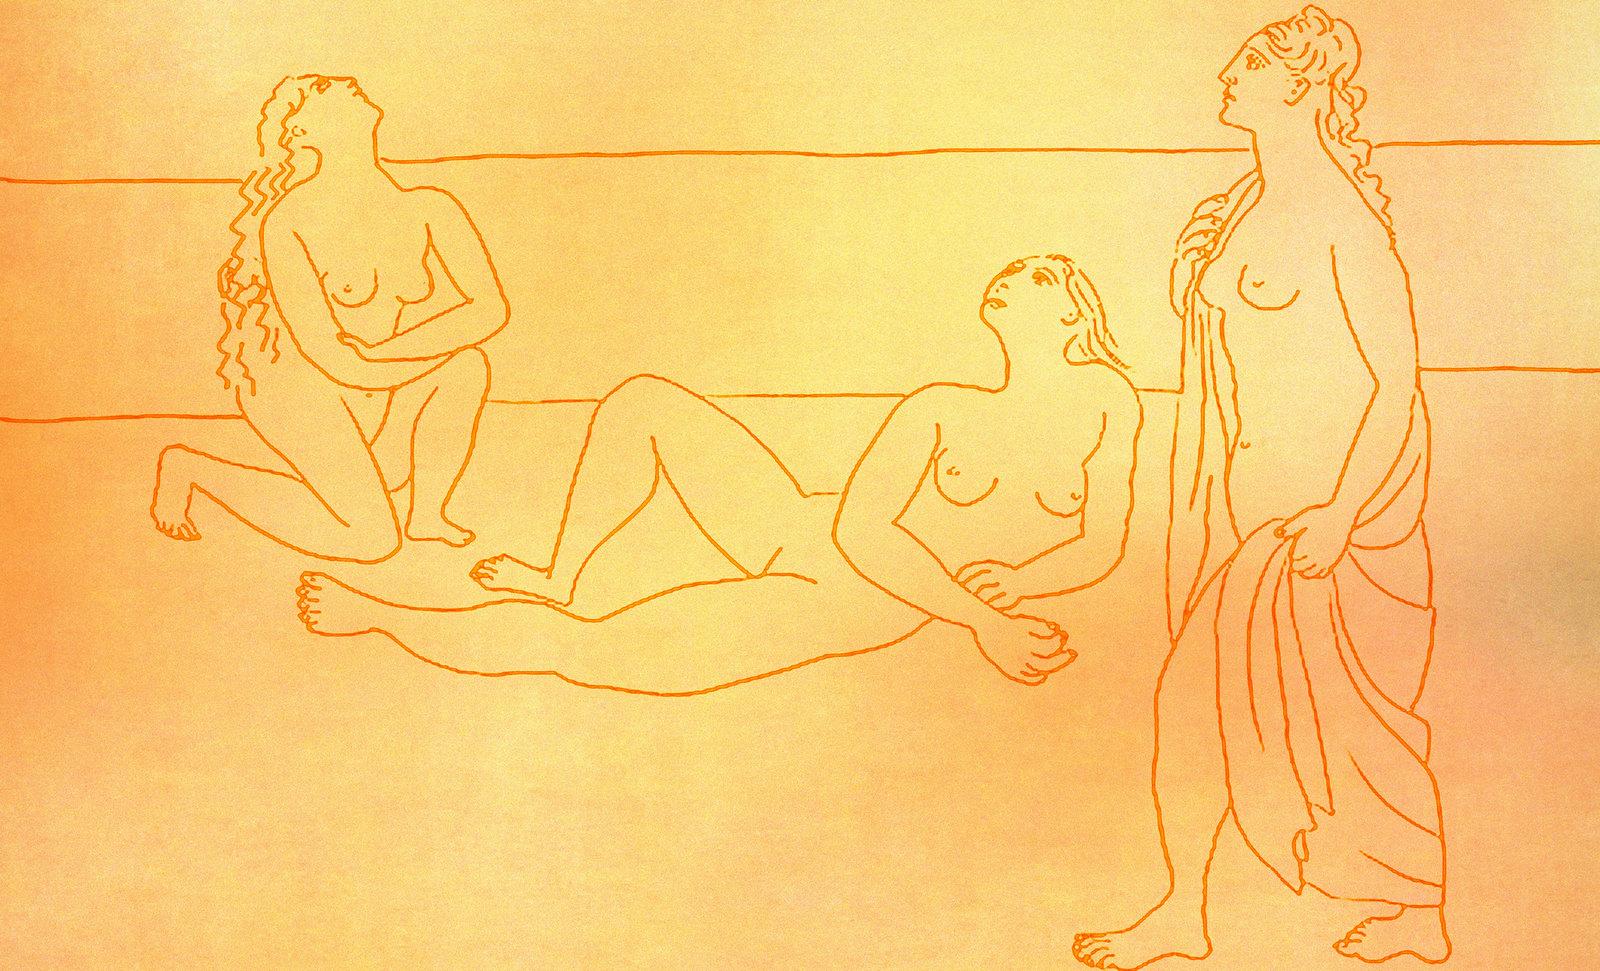 051Pablo Picasso